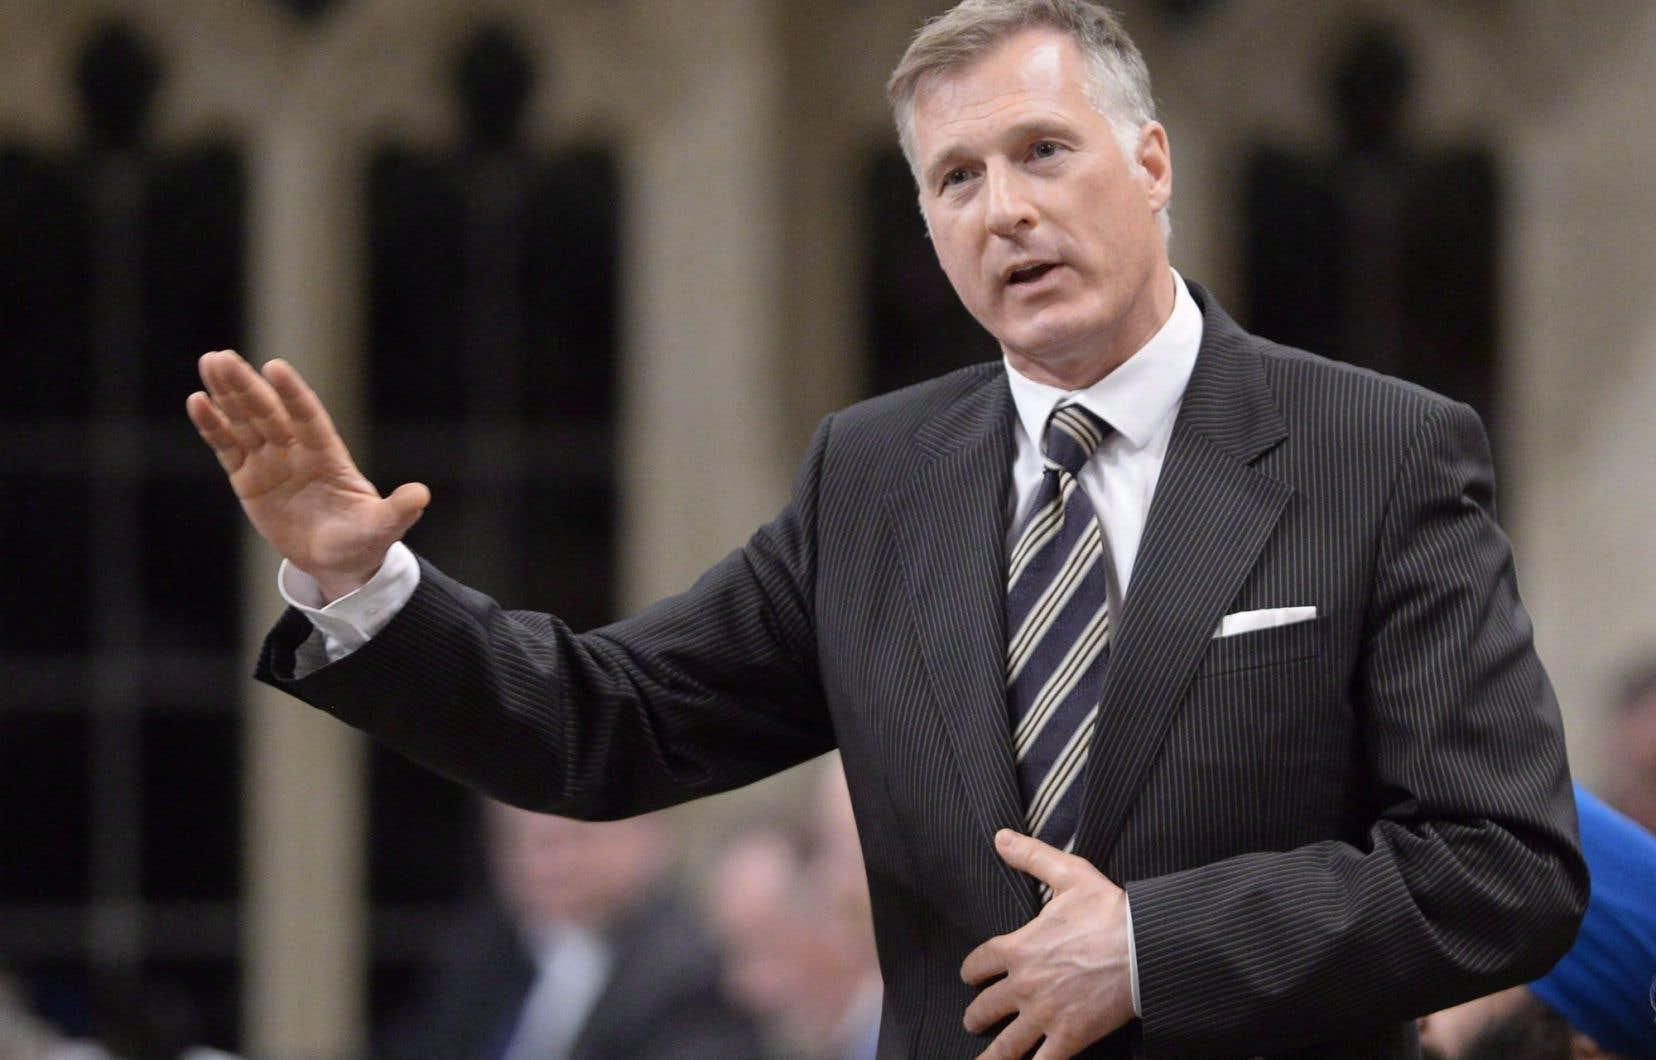 Maxime Bernier n'a jamais hésité à briser les rangs conservateurs pour défendre ses propres positions. Un franc-jeu qui pourrait toutefois le priver de l'appui de certains députés ou sénateurs québécois.